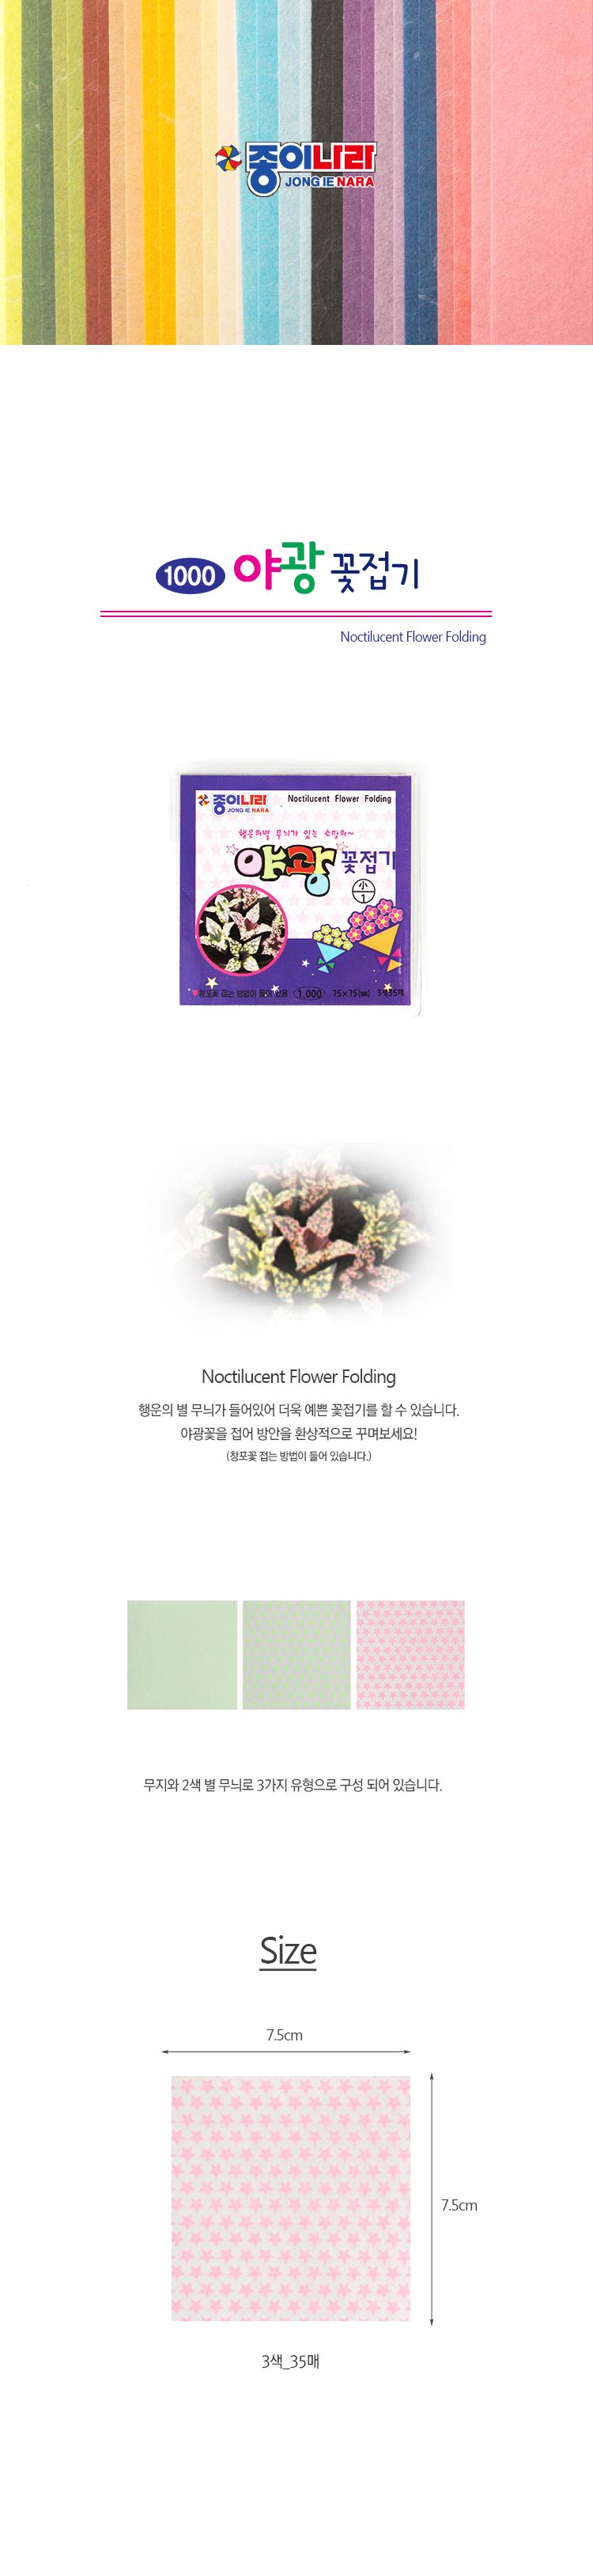 1000 야광꽃접기(소)1* - 종이나라, 1,000원, 화방지류, 색종이